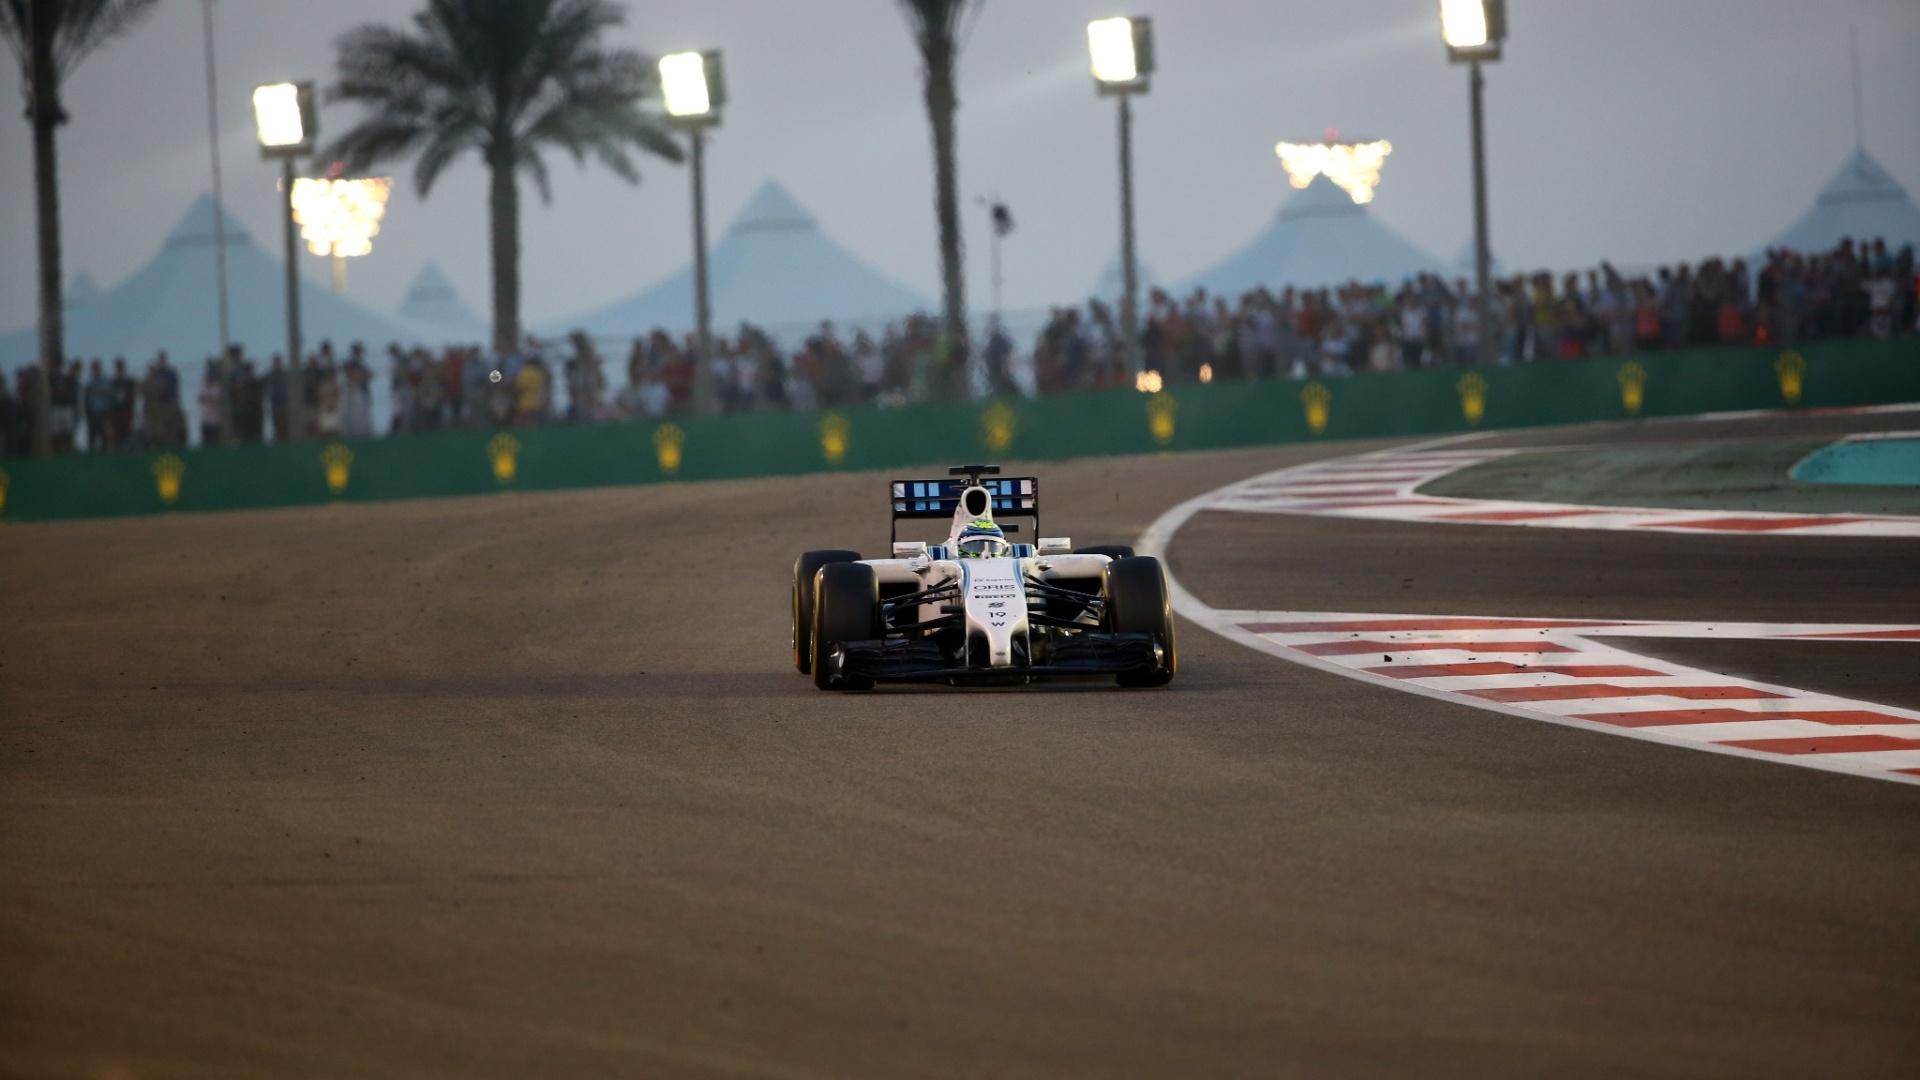 Felipe Massa passou Bottas na largada e se manteve próximo das Mercedes, em terceiro lugar. A equipe rival teve problemas, e ele chegou a liderar